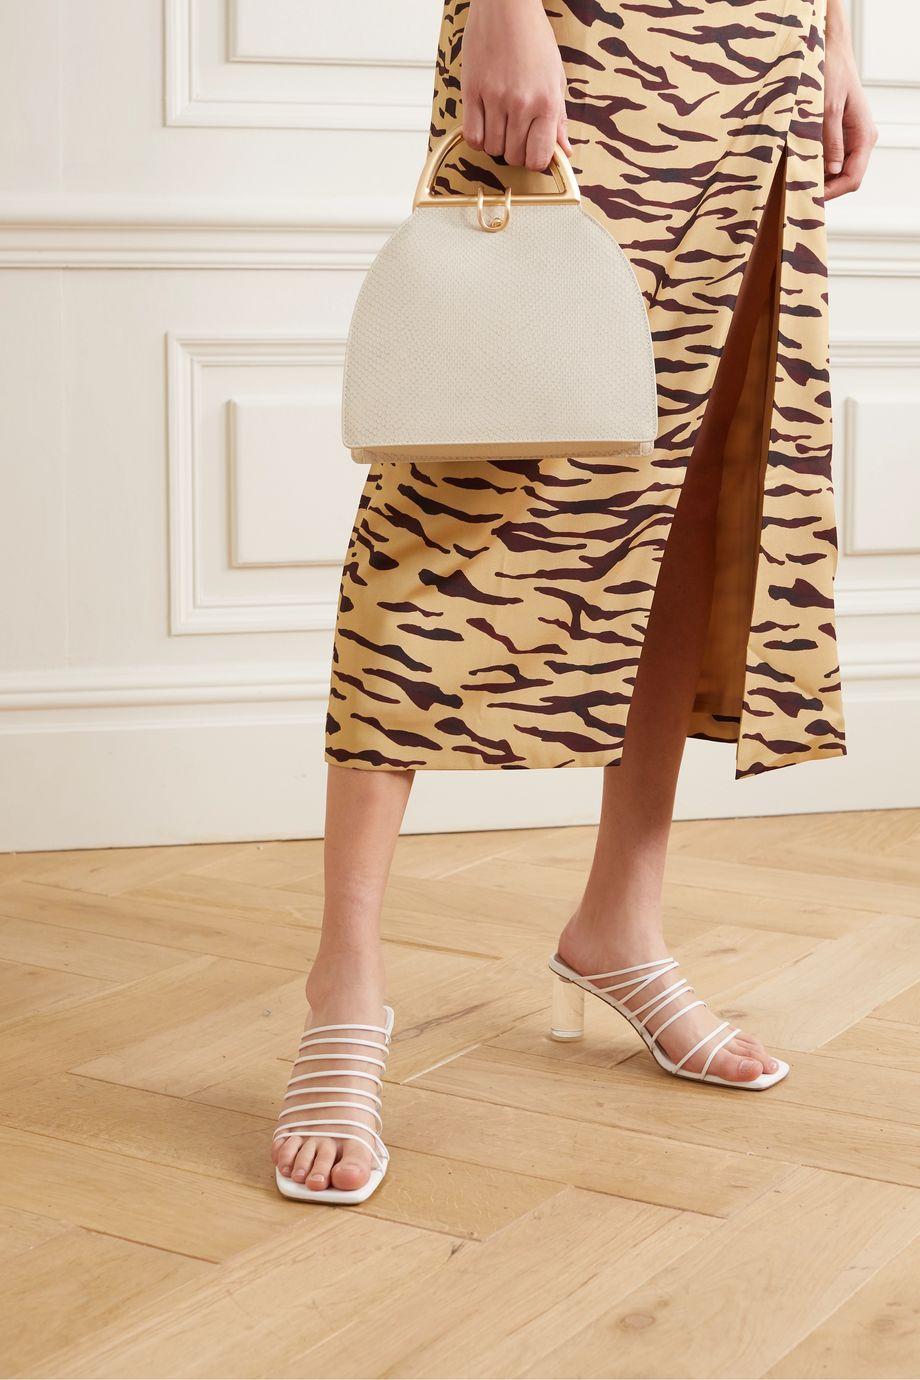 Cult Gaia Ziba snake-effect leather shoulder bag